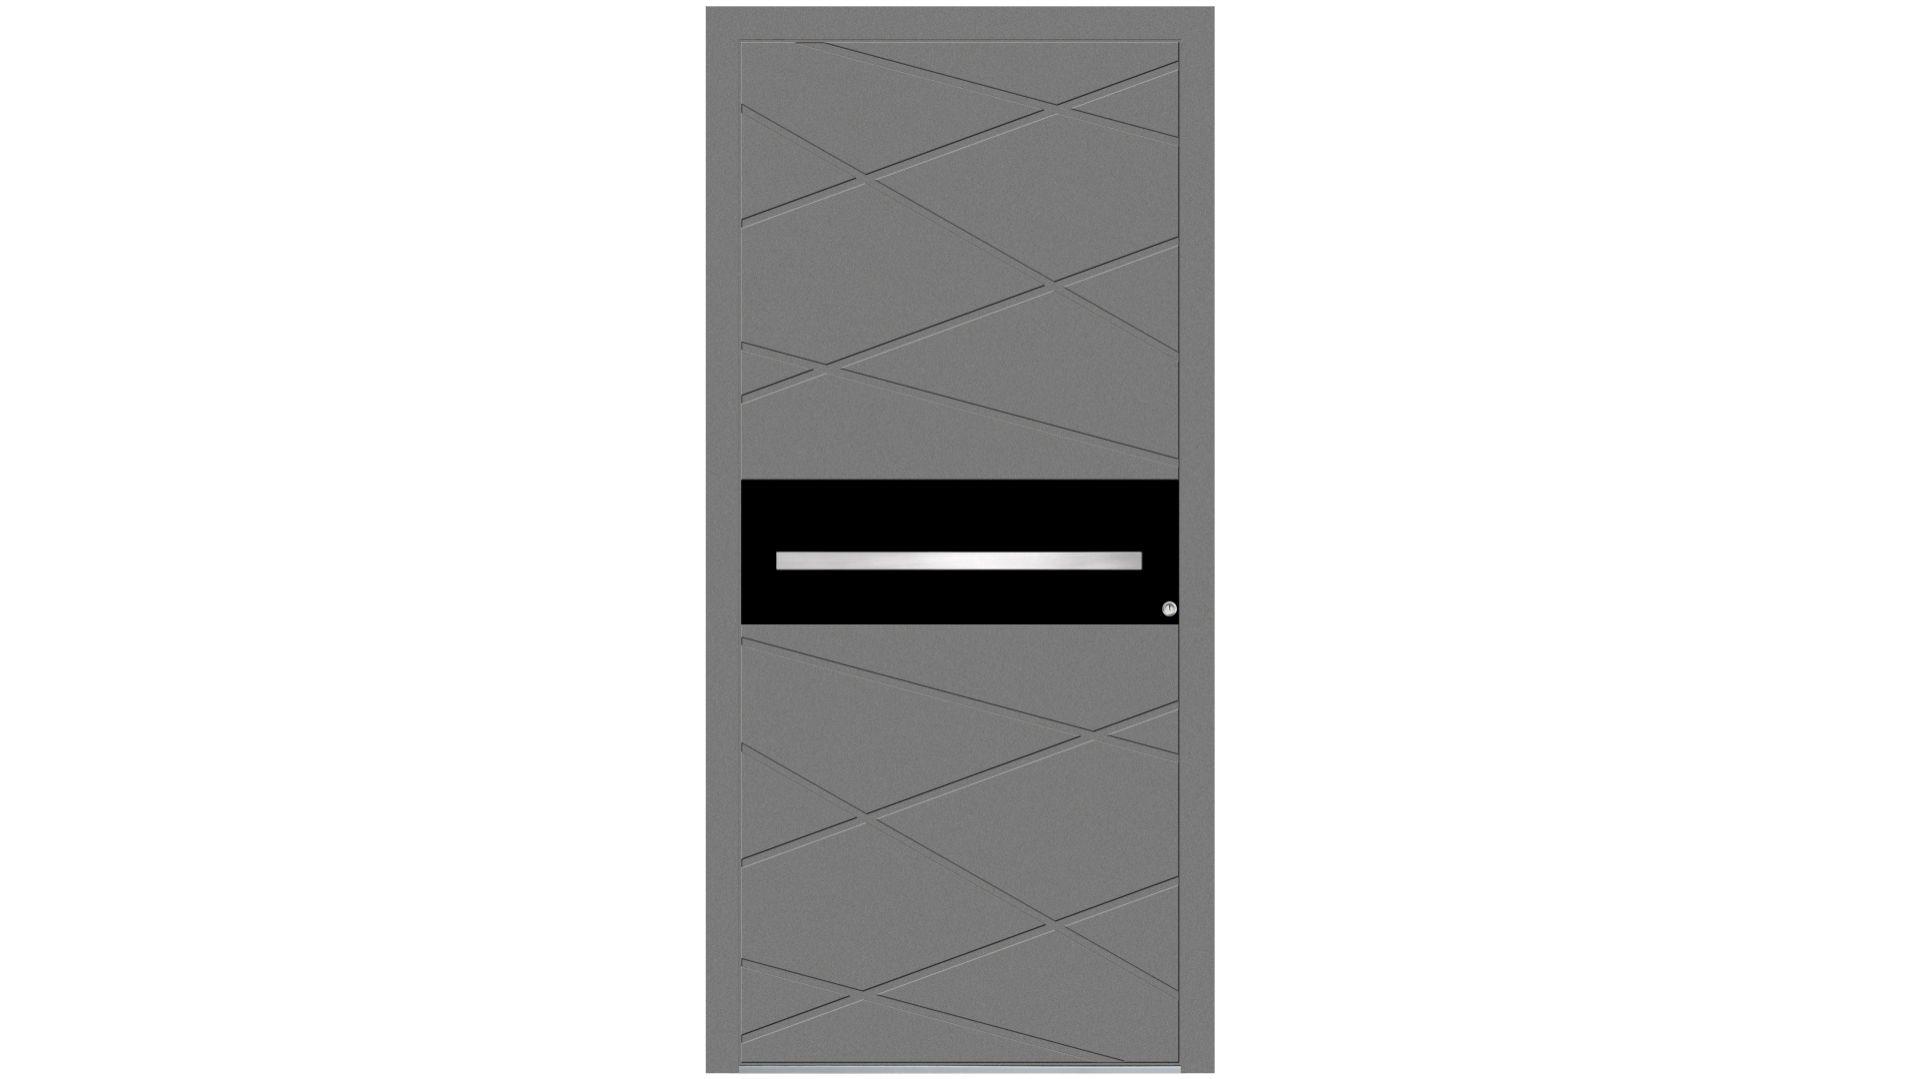 Drzwi TALUS Aluhaus/Oknoplast. Produkt zgłoszony do konkursu Dobry Design 2018.